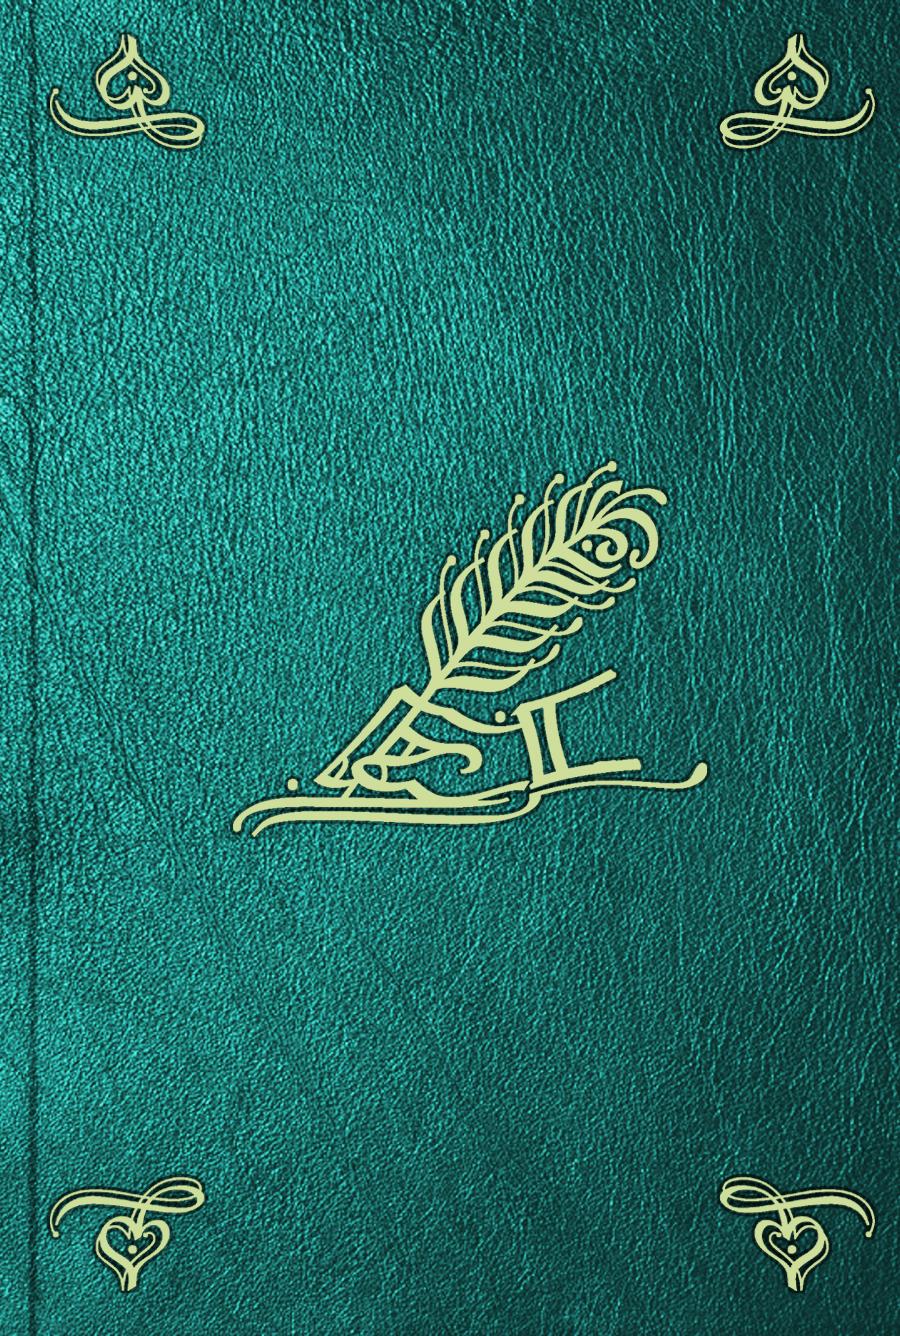 Pierre Loius Ginguené Storia della letteratura italiana. T. 3 pierre loius ginguené storia della letteratura italiana t 1